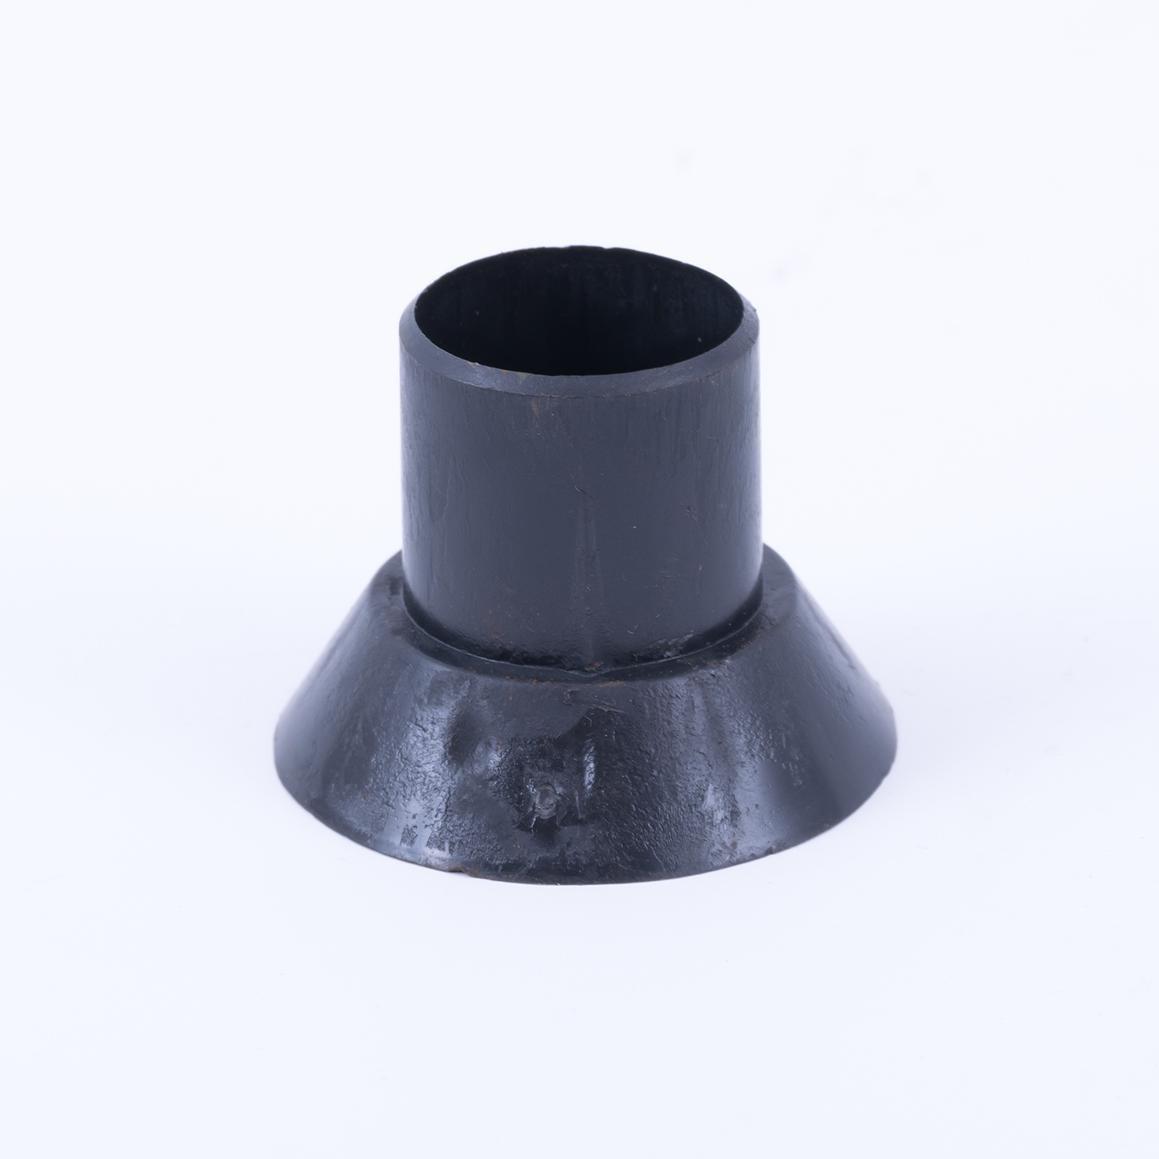 Thruty Cones